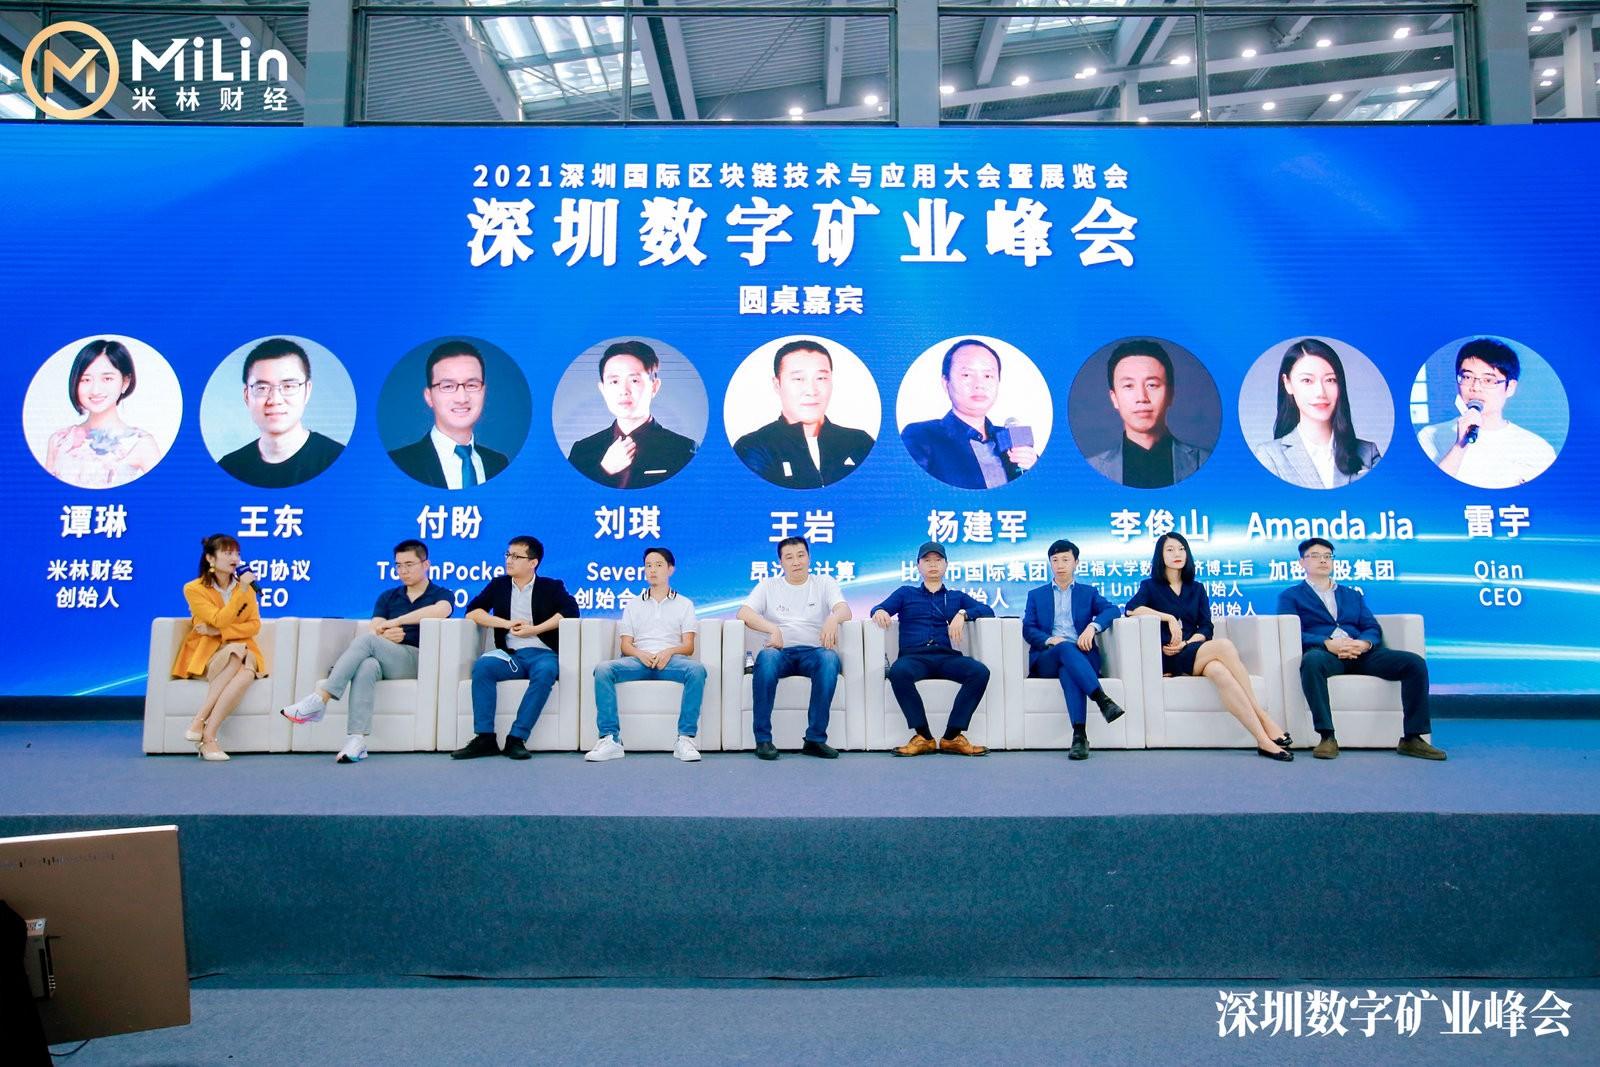 2021深圳数字矿业圆桌论坛:以太坊与defi的未来与瓶颈